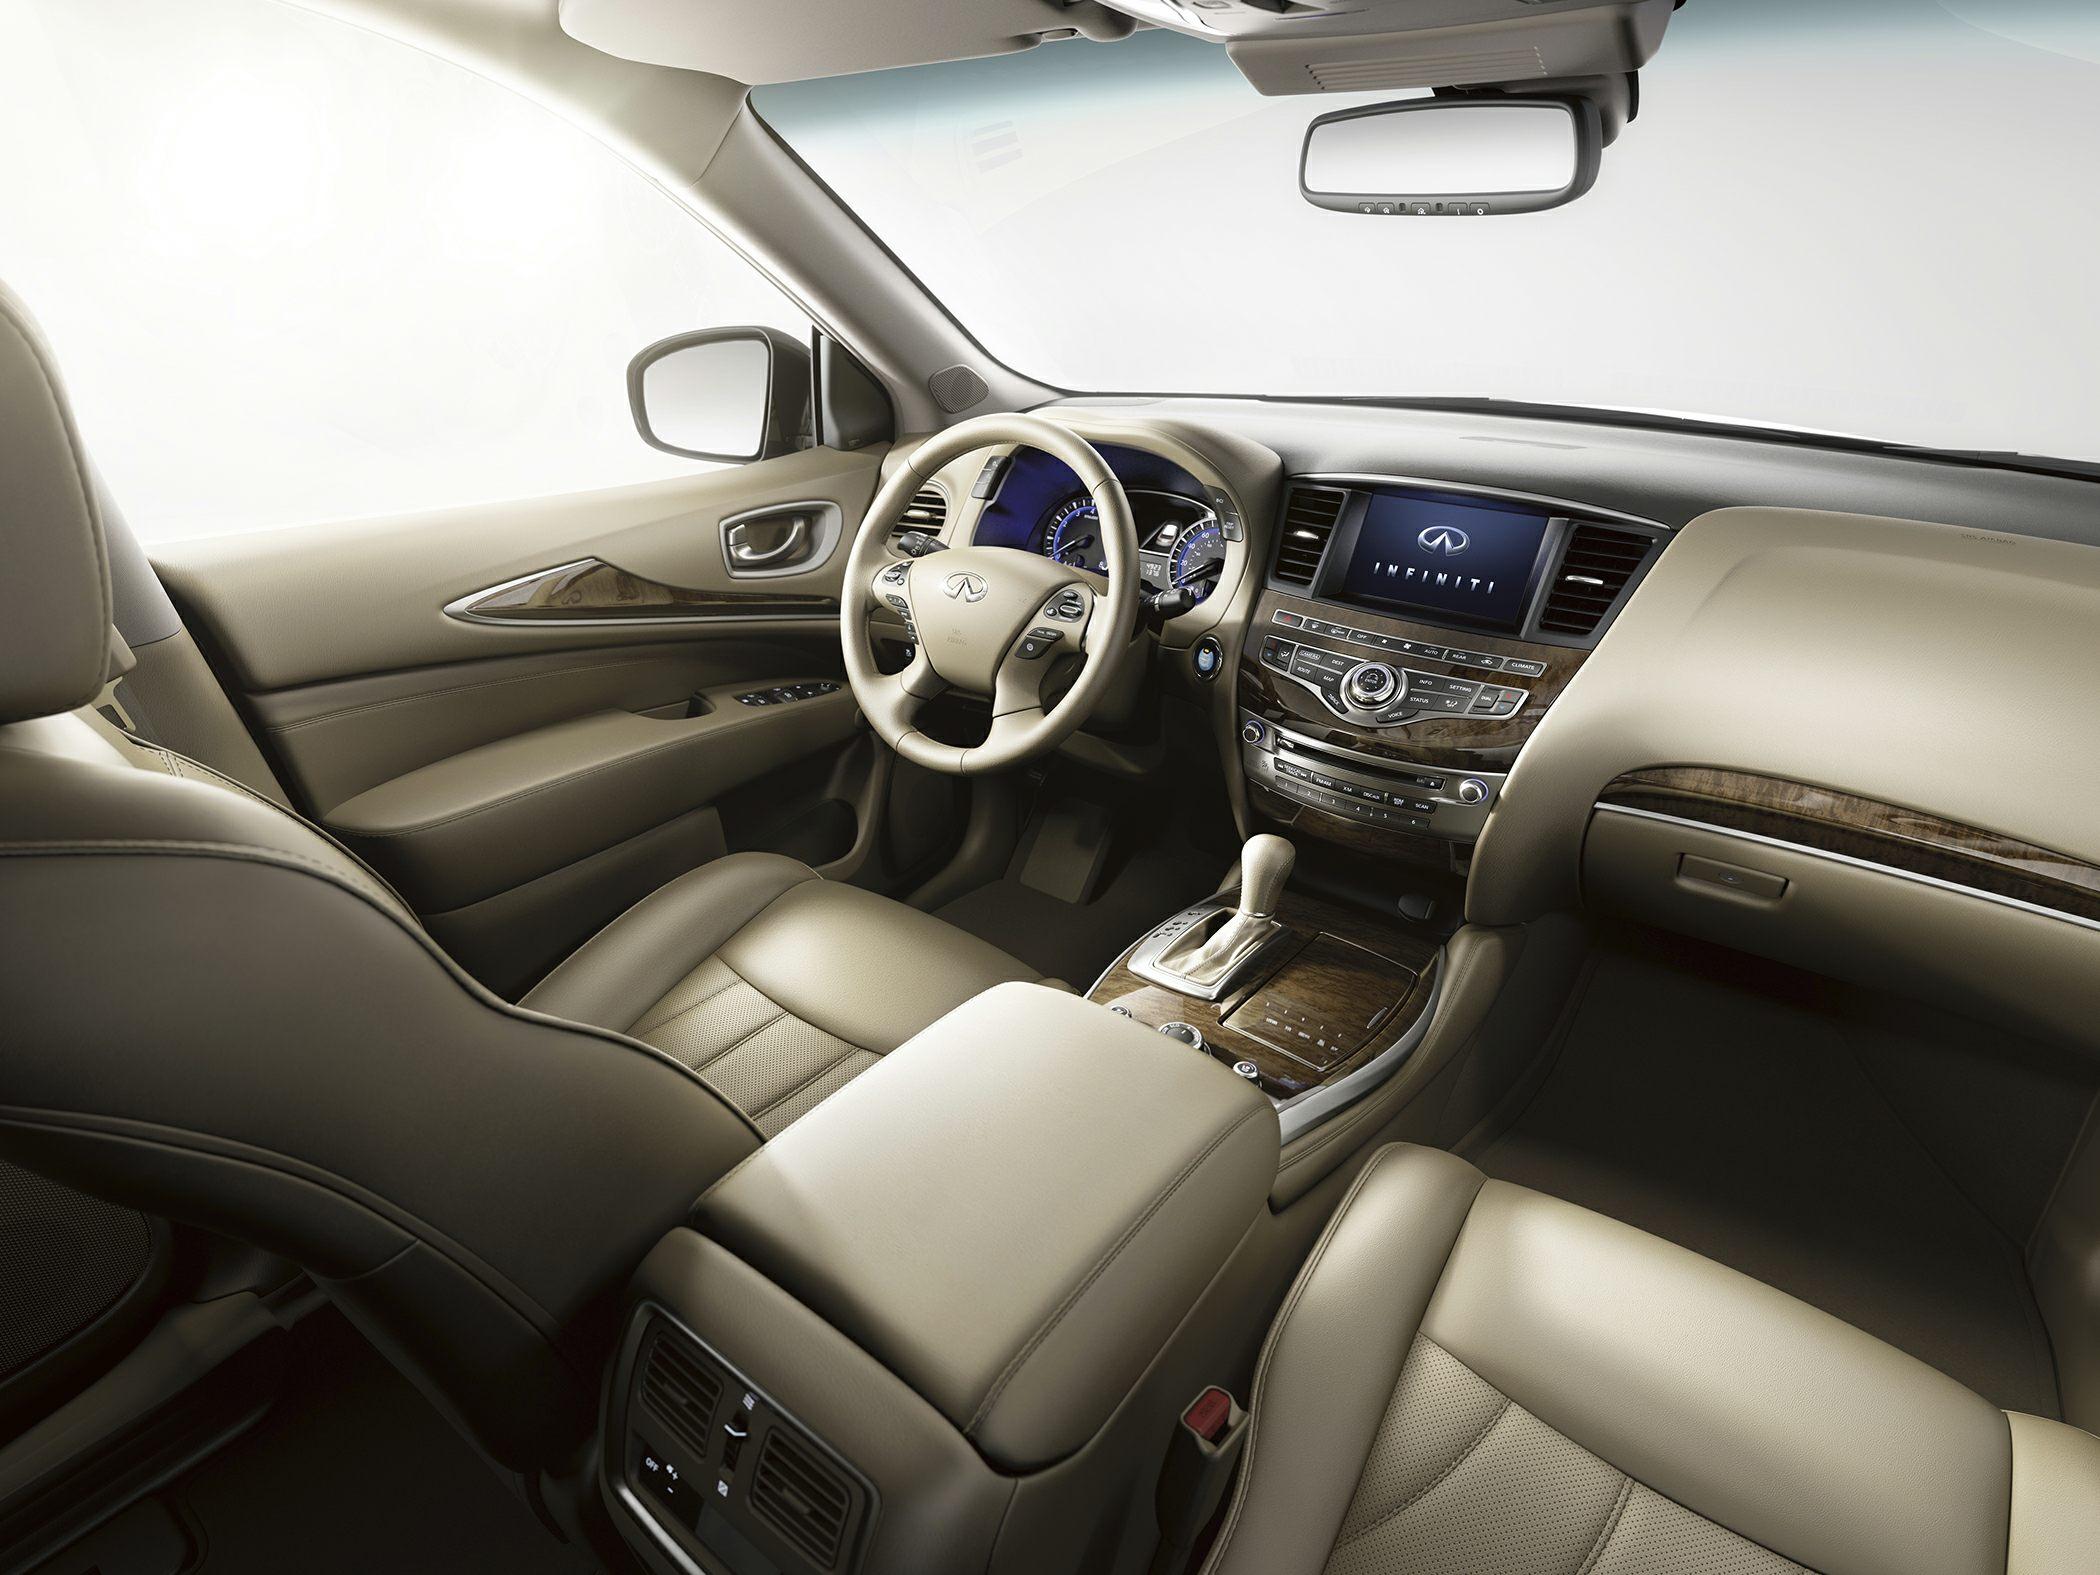 2014 Infiniti QX60 Interior